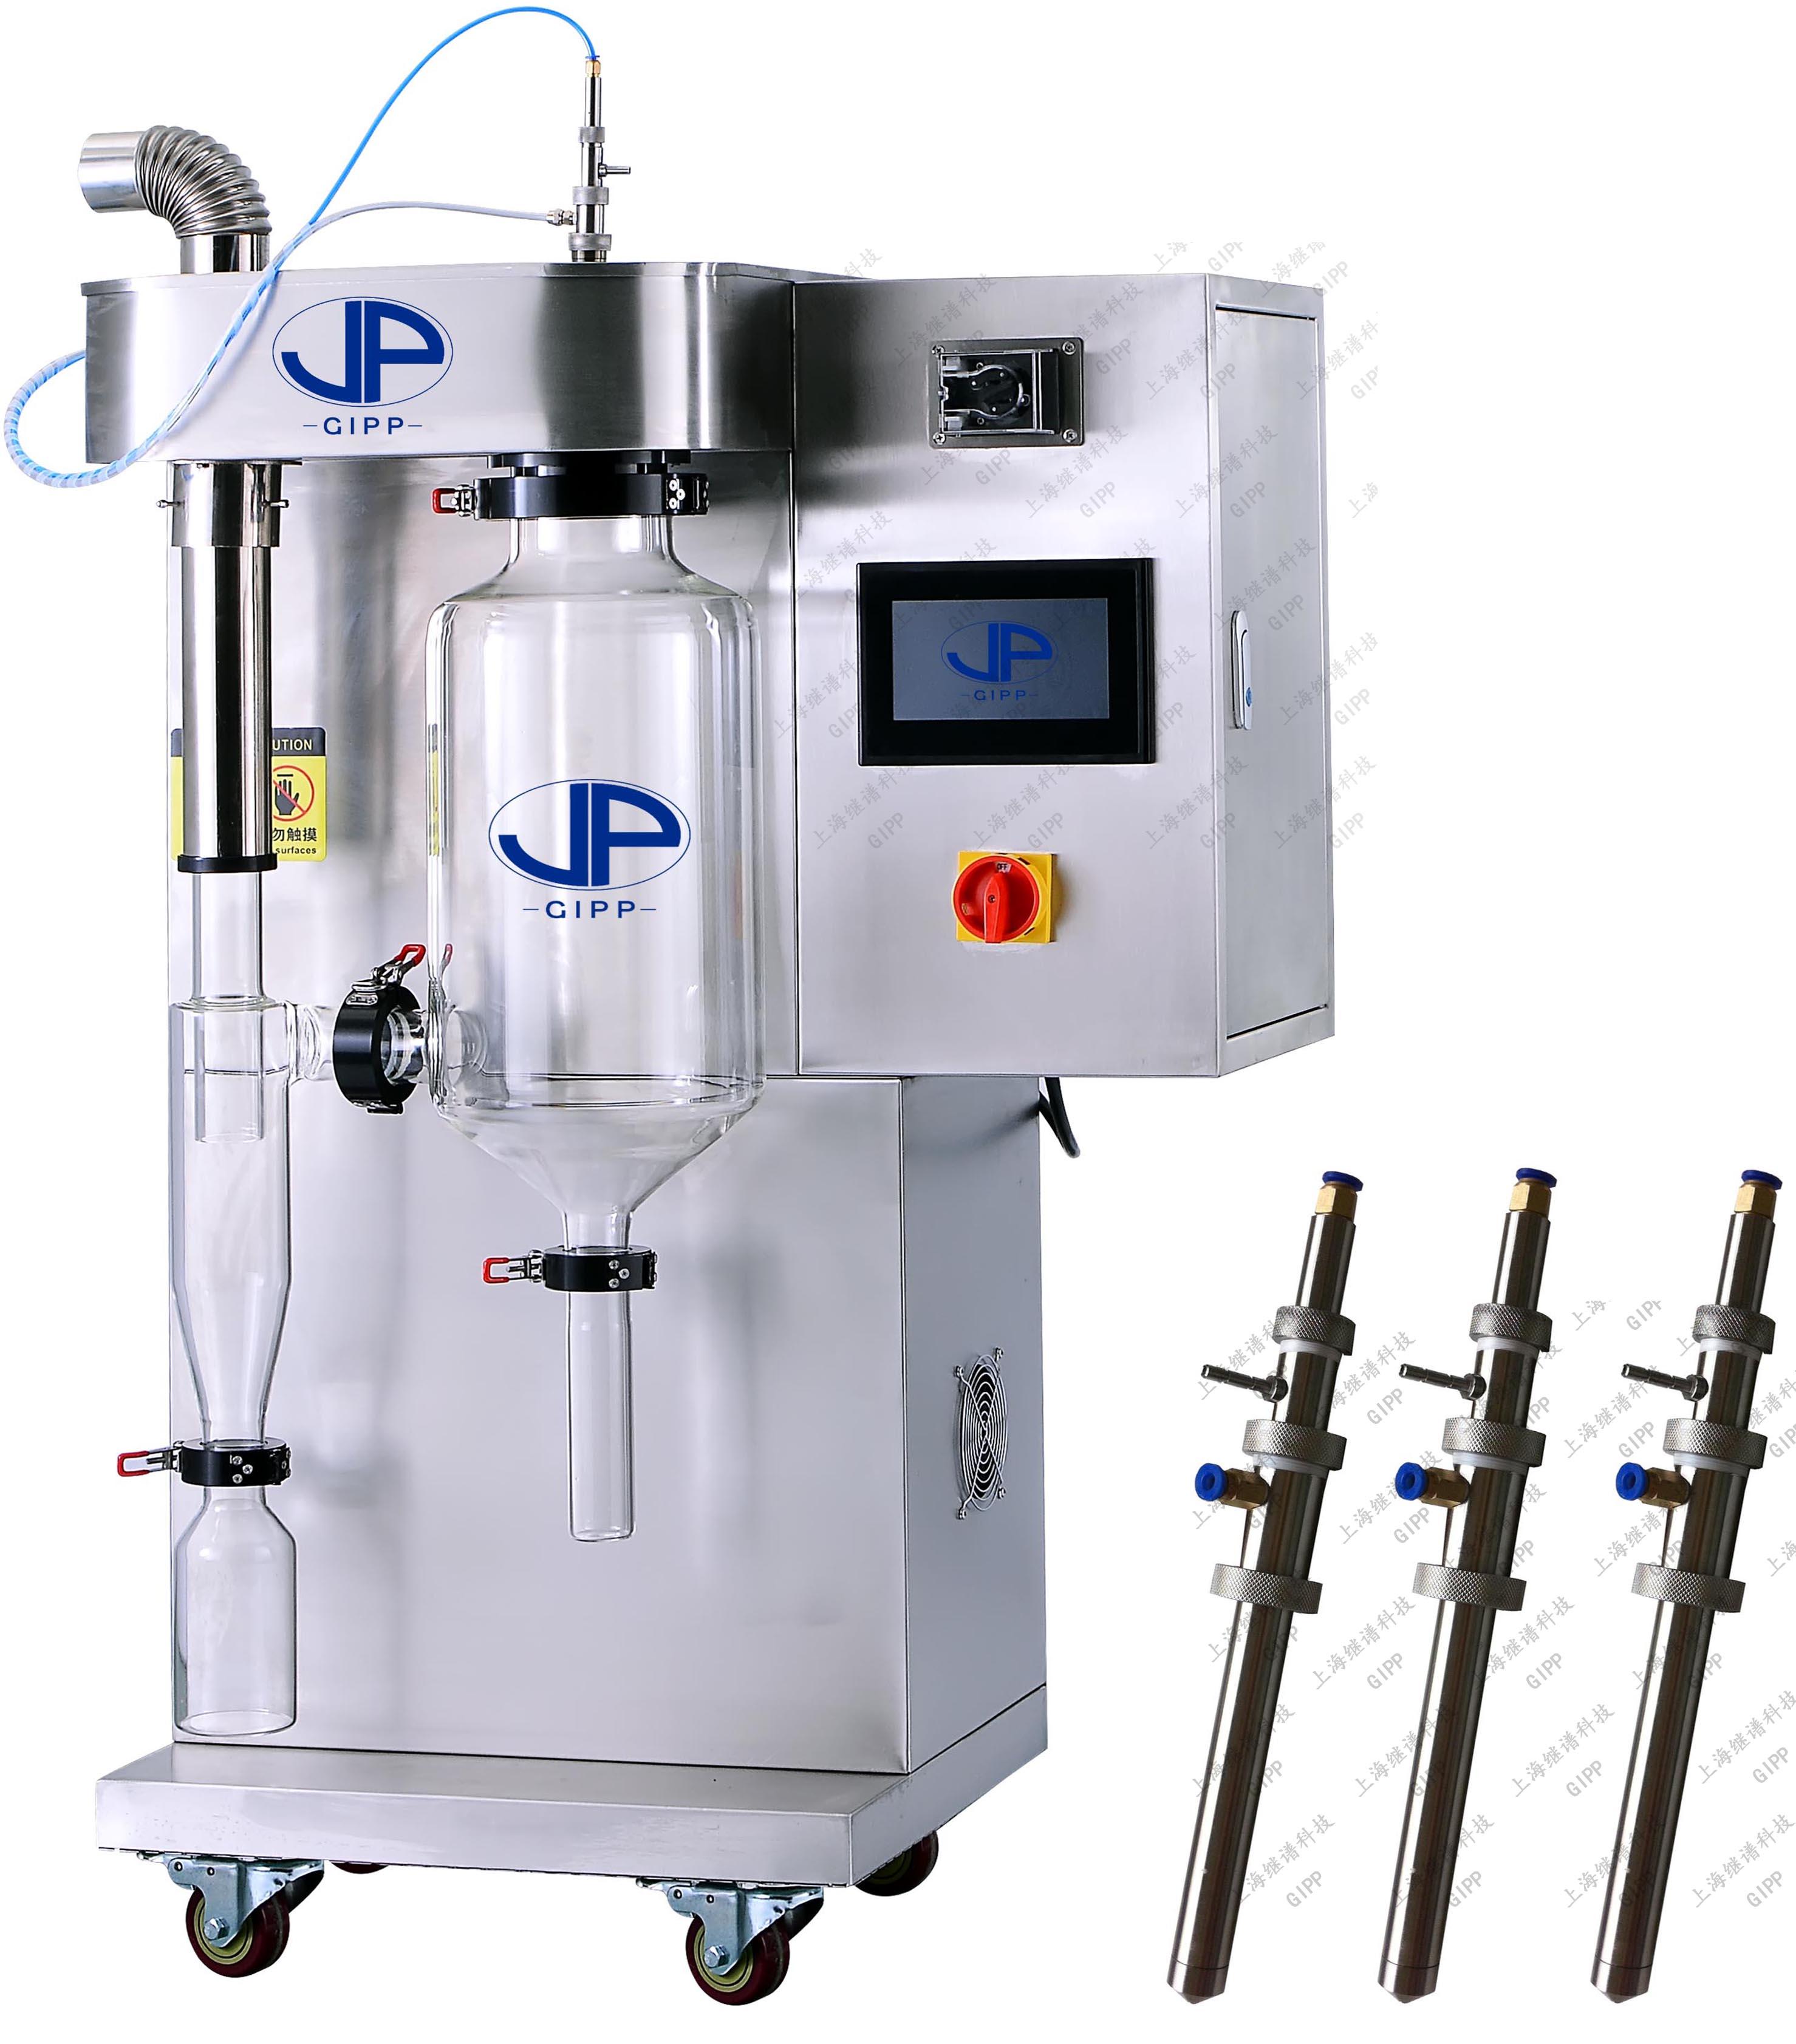 GIPP-2000實驗室噴霧干燥機